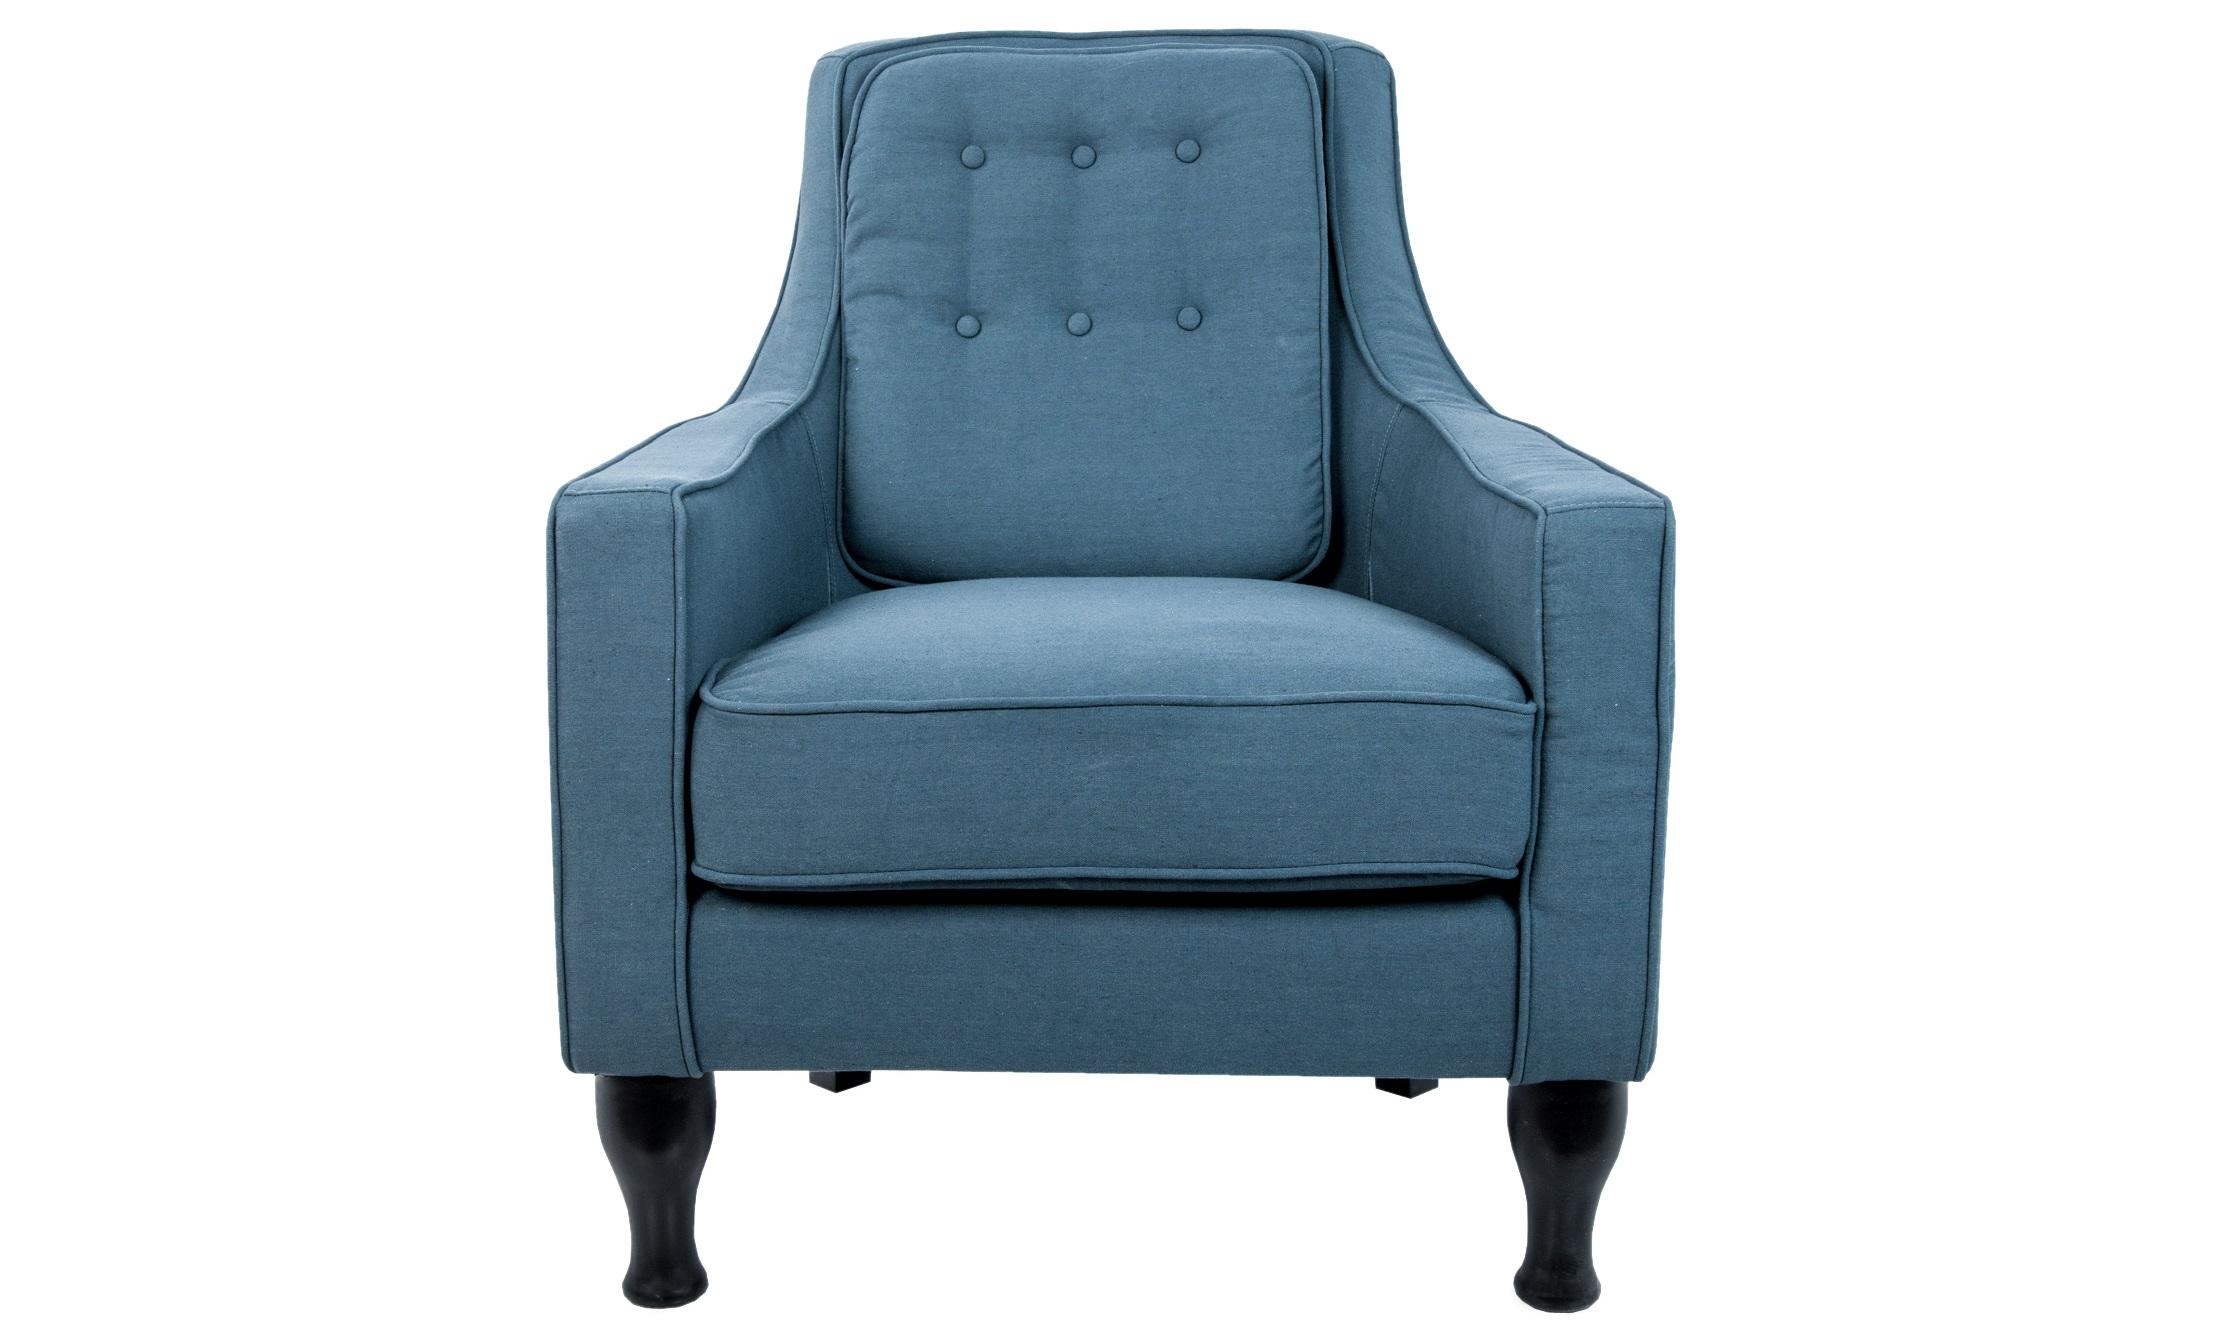 Кресло MontiИнтерьерные кресла<br>Стильное и крайне уютное кресло! Глубокое, удобное, с высокой спинкой и подлокотниками. Интересный эргономический дизайн спинки, деревянные ножки - данная модель прекрасный выбор для тех, кто ценит комфорт.&amp;amp;nbsp;<br><br>Material: Лен<br>Width см: 80<br>Depth см: 90<br>Height см: 97